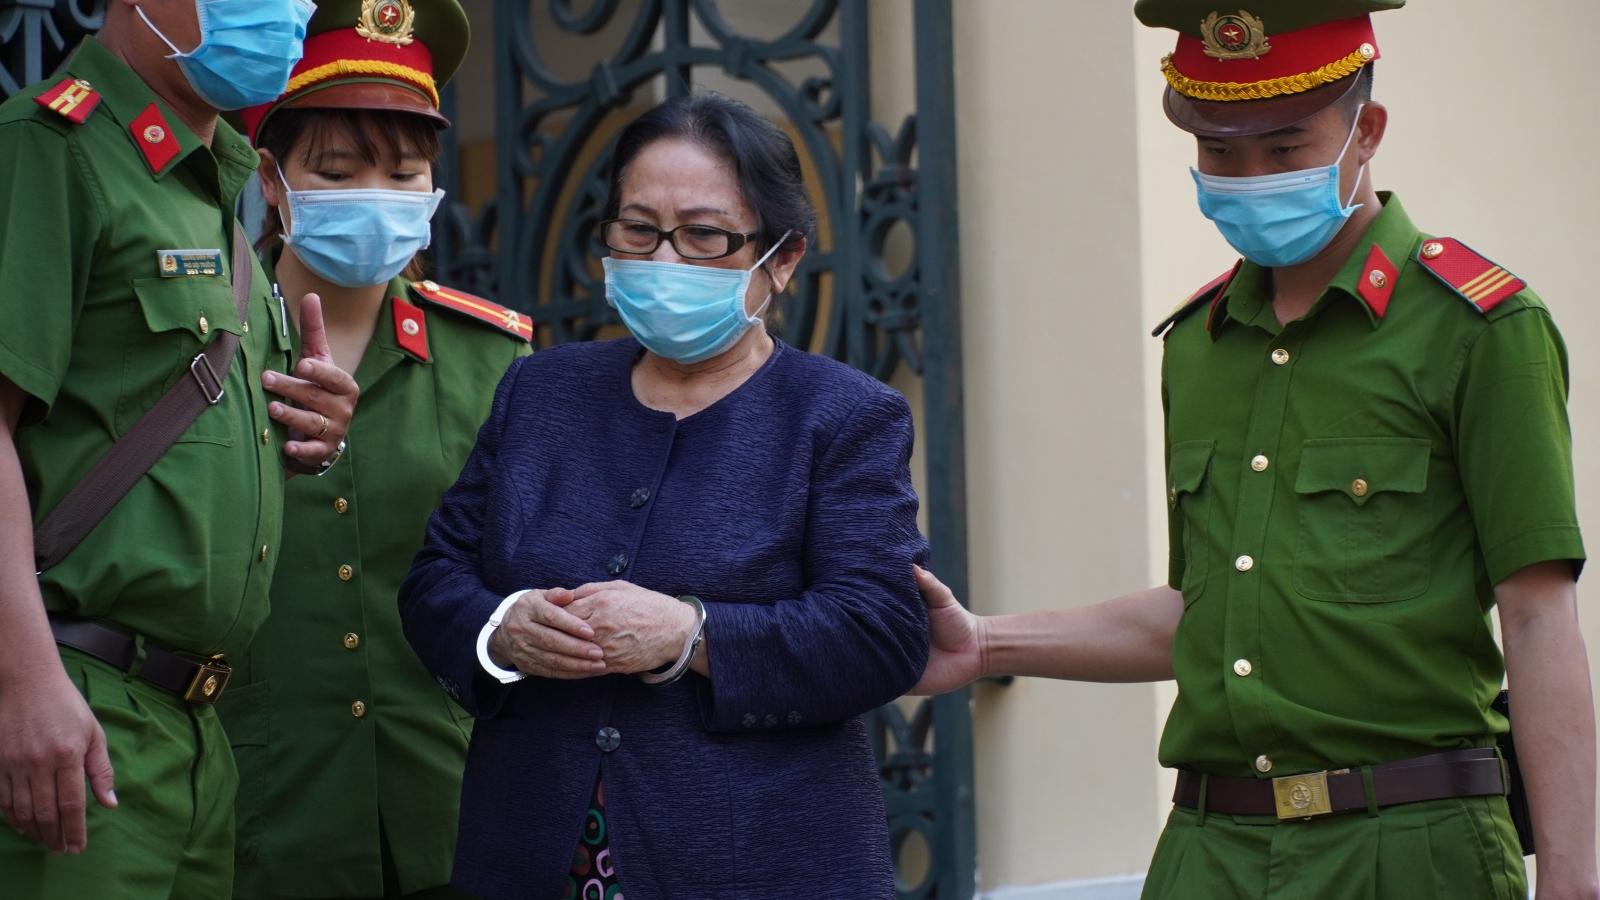 Bị cáo Dương Thị Bạch Diệp gào khóc, các luật sư đề nghị tạm dừng phiên tòa